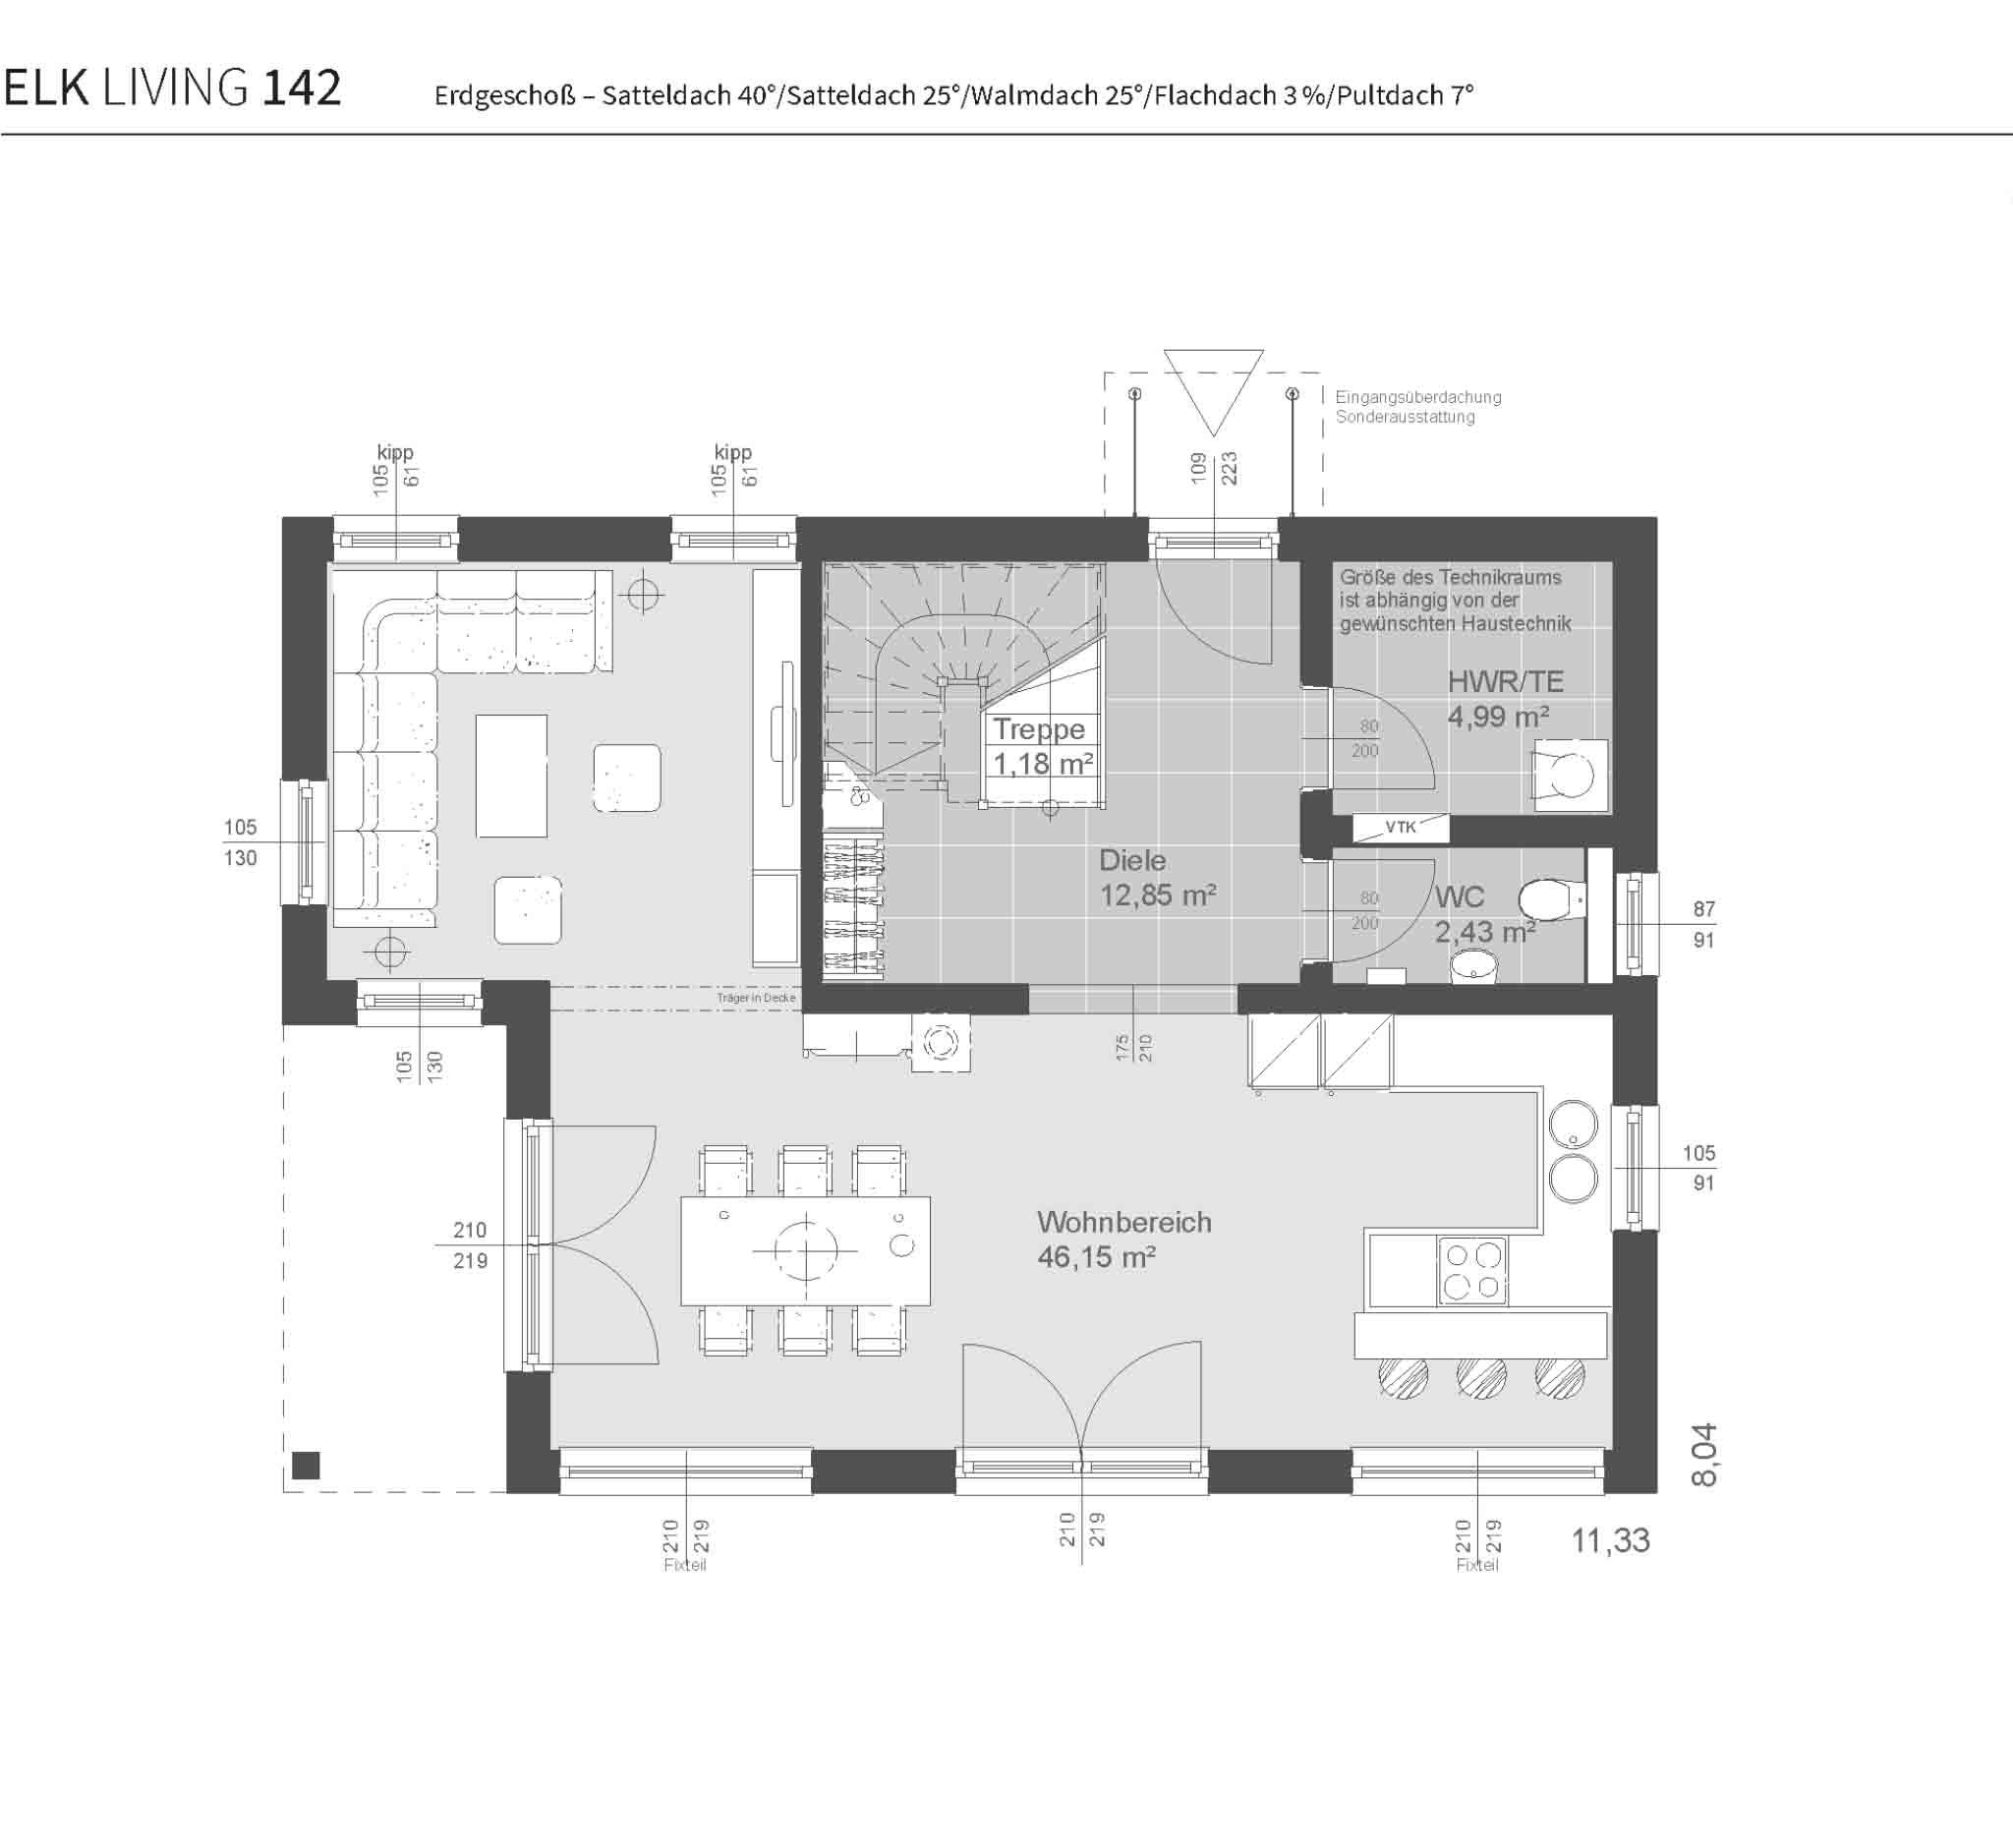 grundriss-fertighaus-elk-living-142-erdgeschoss-satteldach40-satteldach25-walmdach25-flachdach3-pultdach7_1